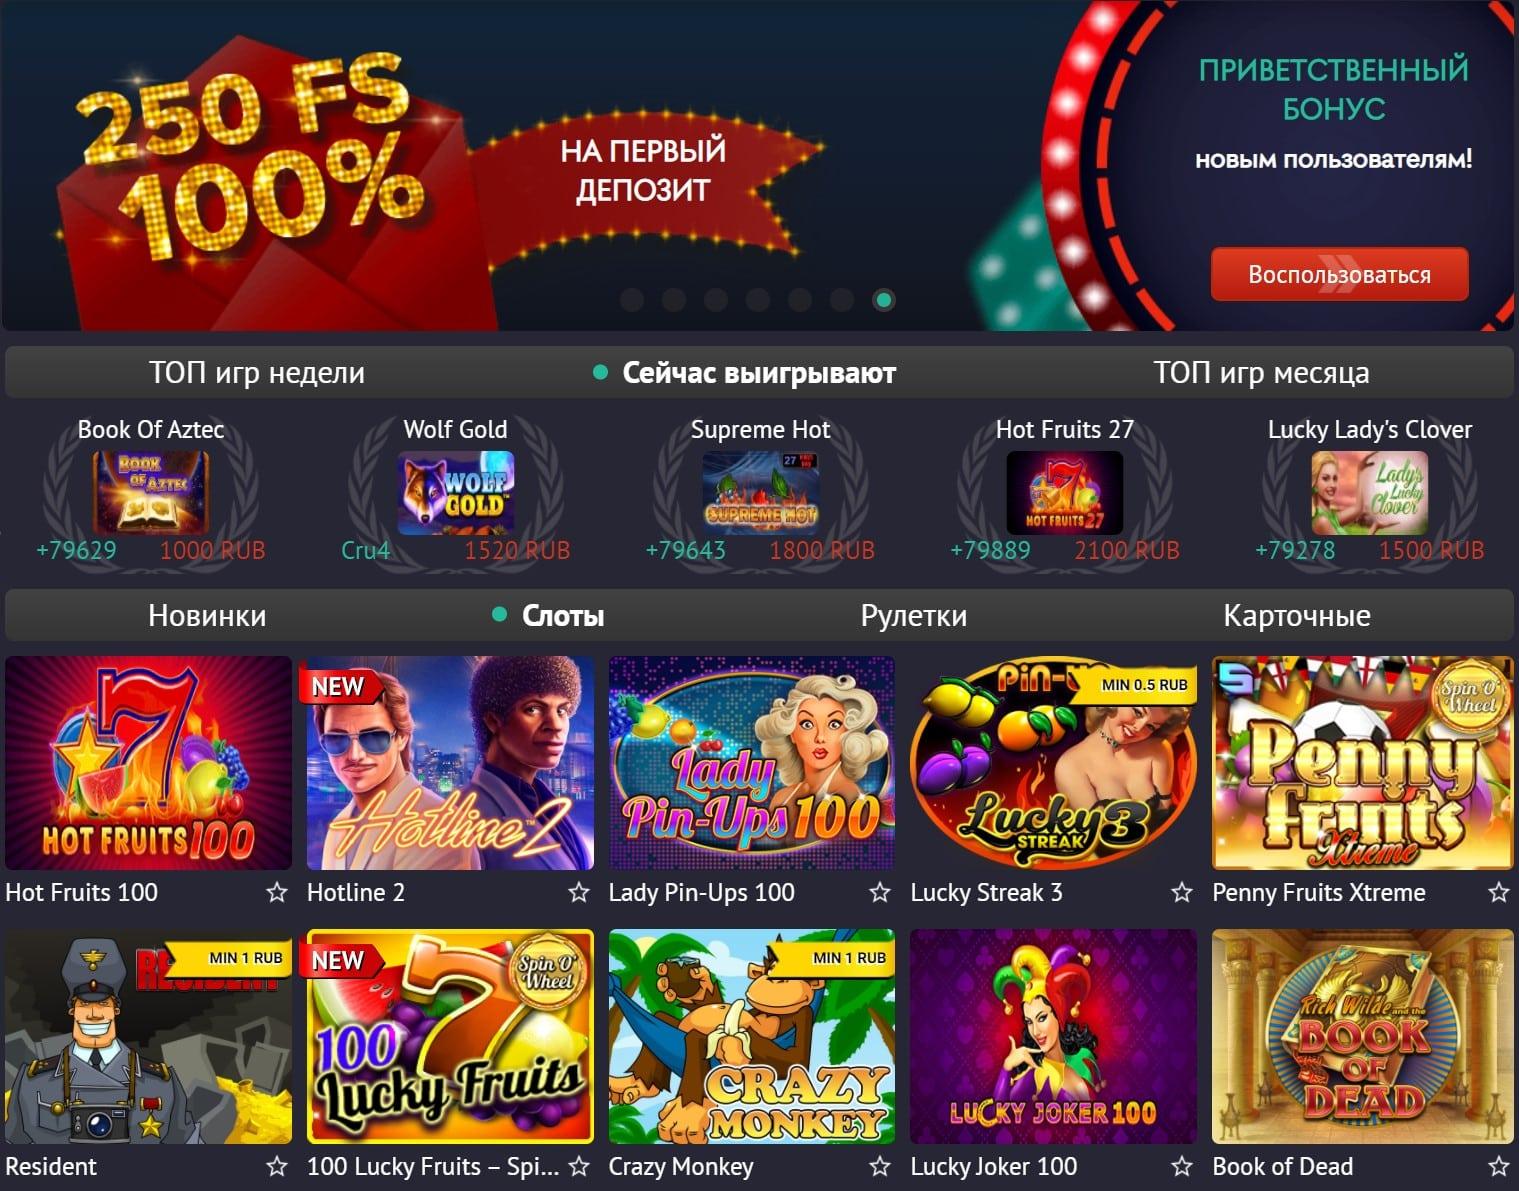 Пин ап казино — официальный сайт pin up casino pin up casino1